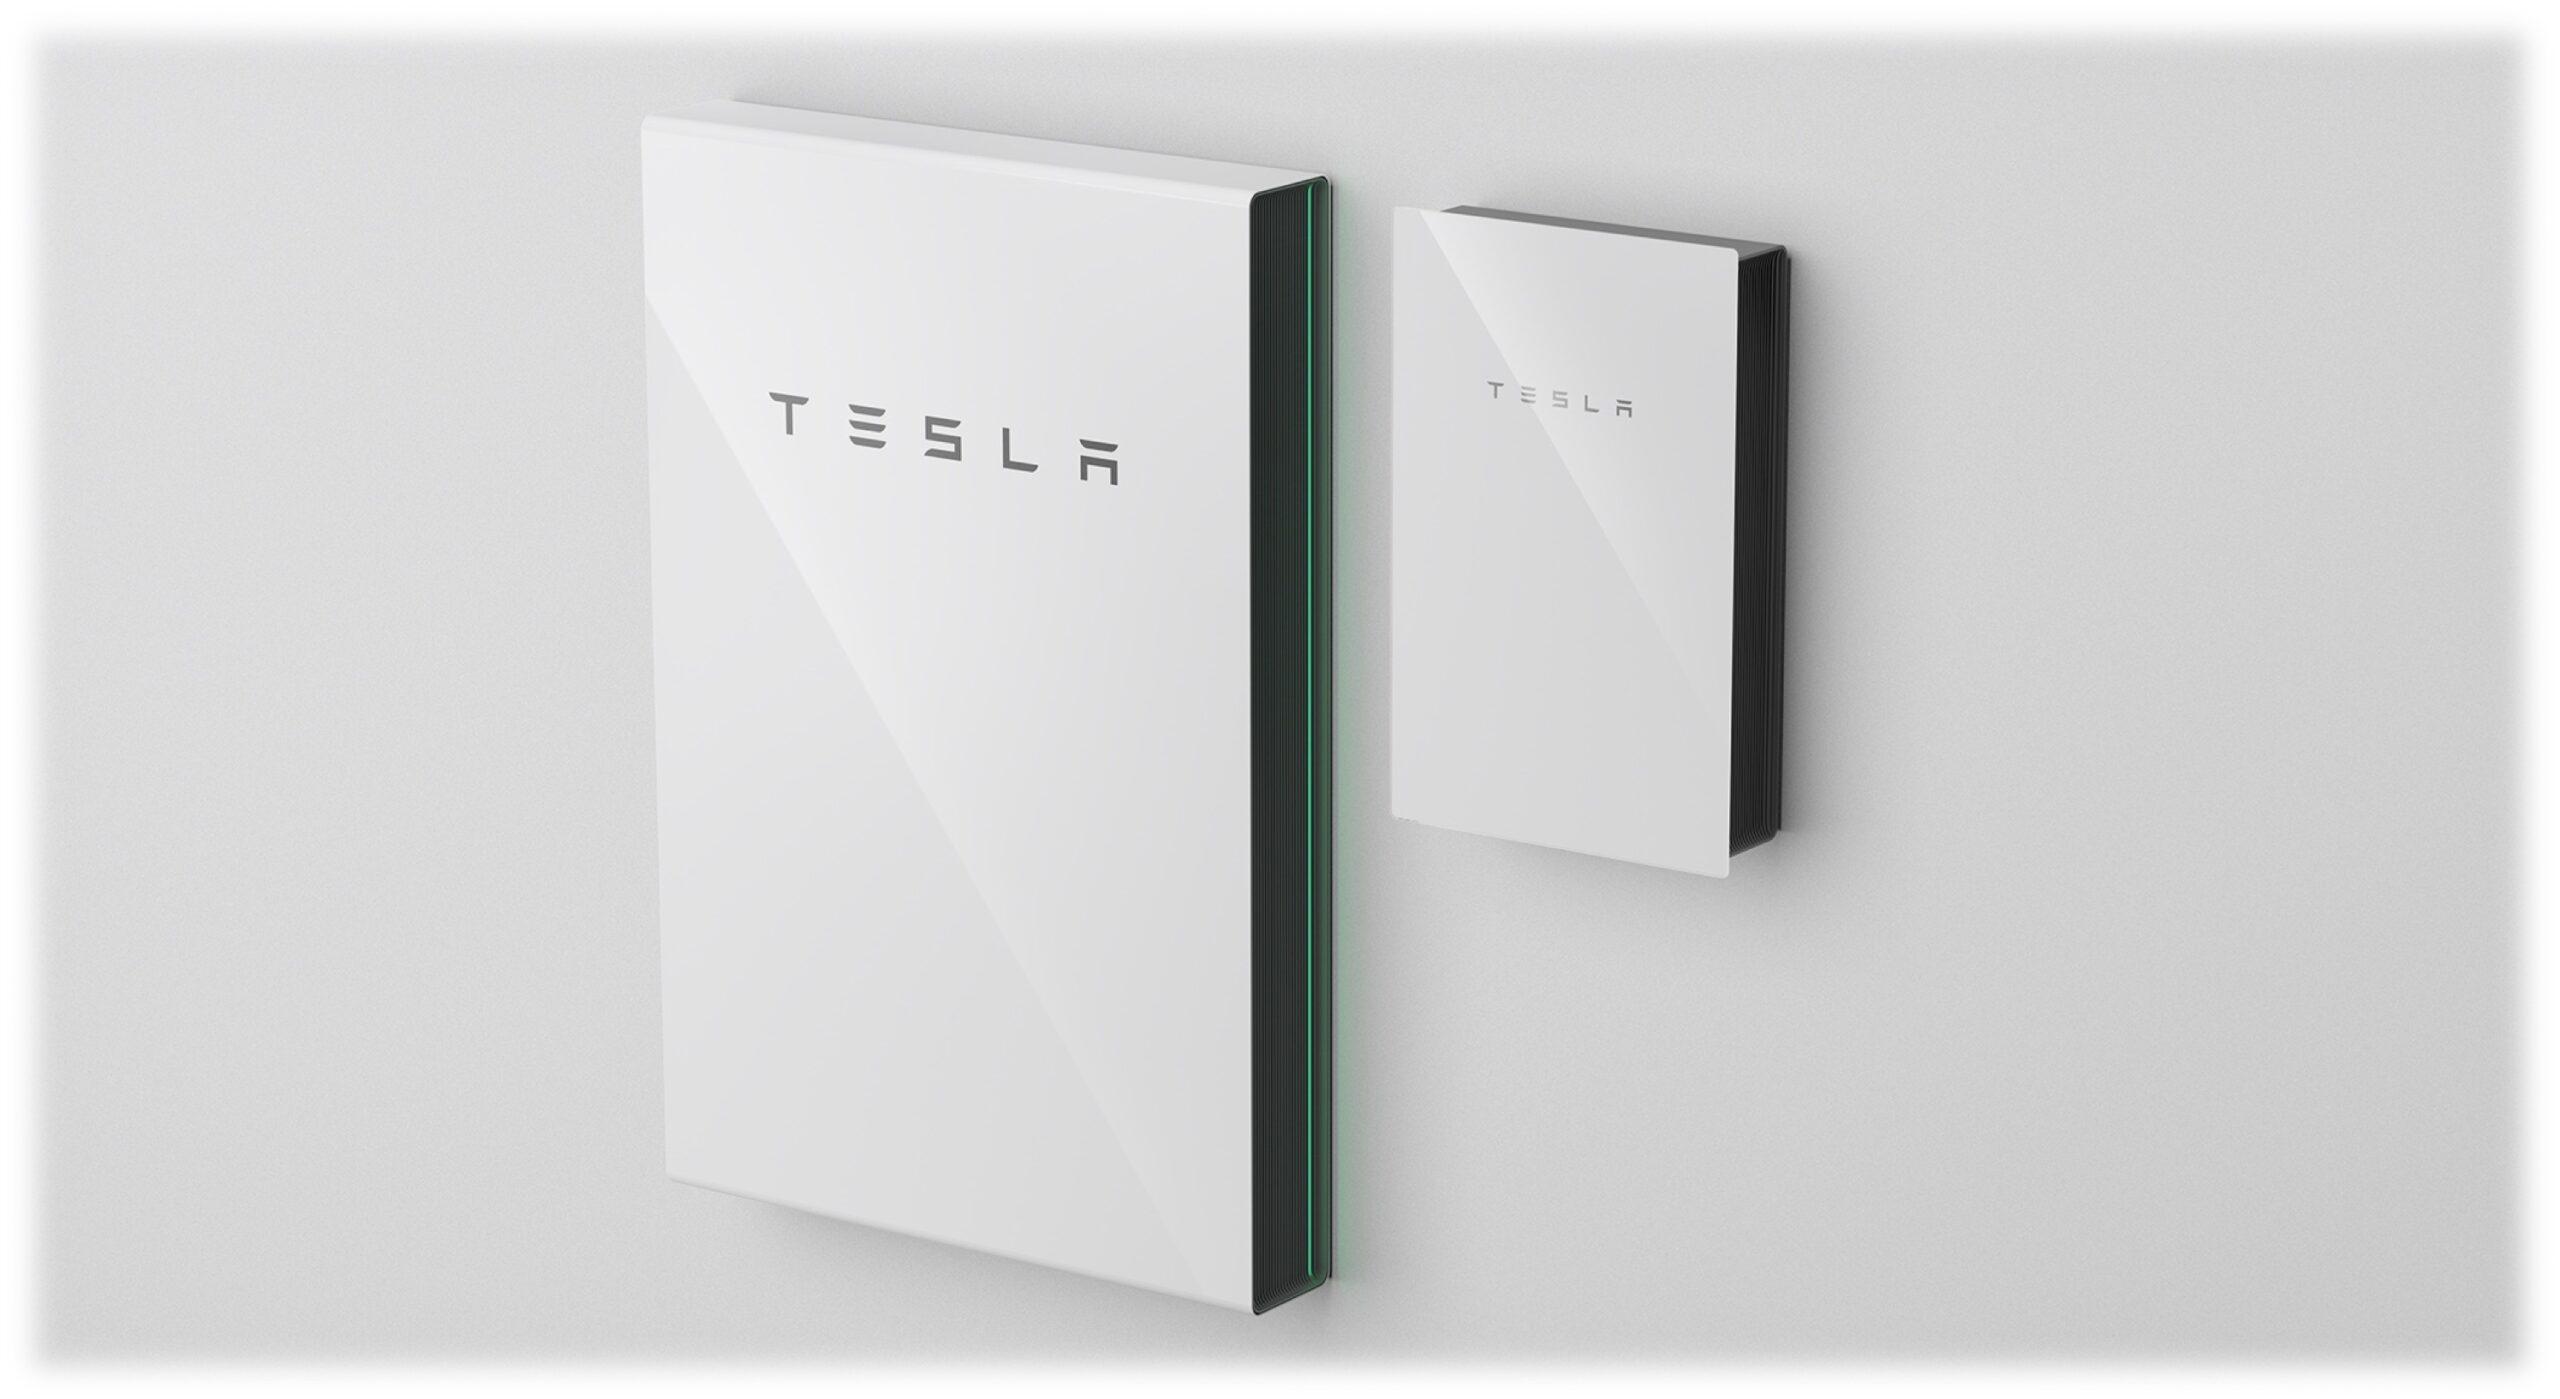 家庭用蓄電池テスラPowerwall(パワーウォール)